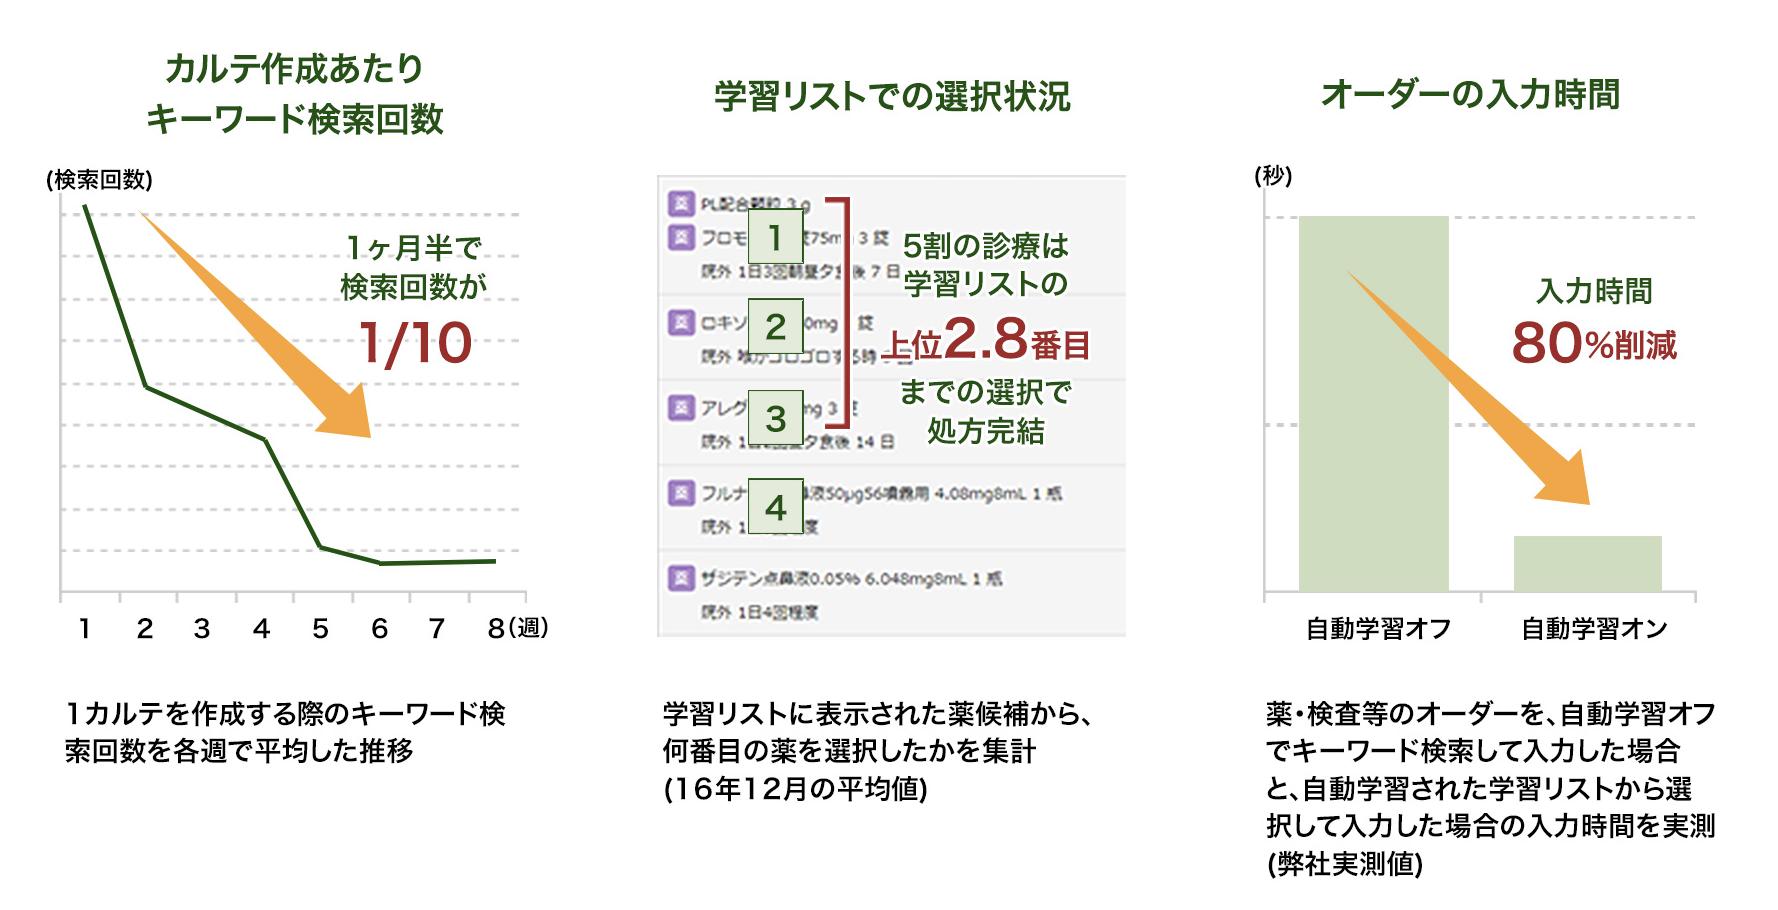 スクリーンショット 2020-11-21 20.26.13.png (717.6 kB)